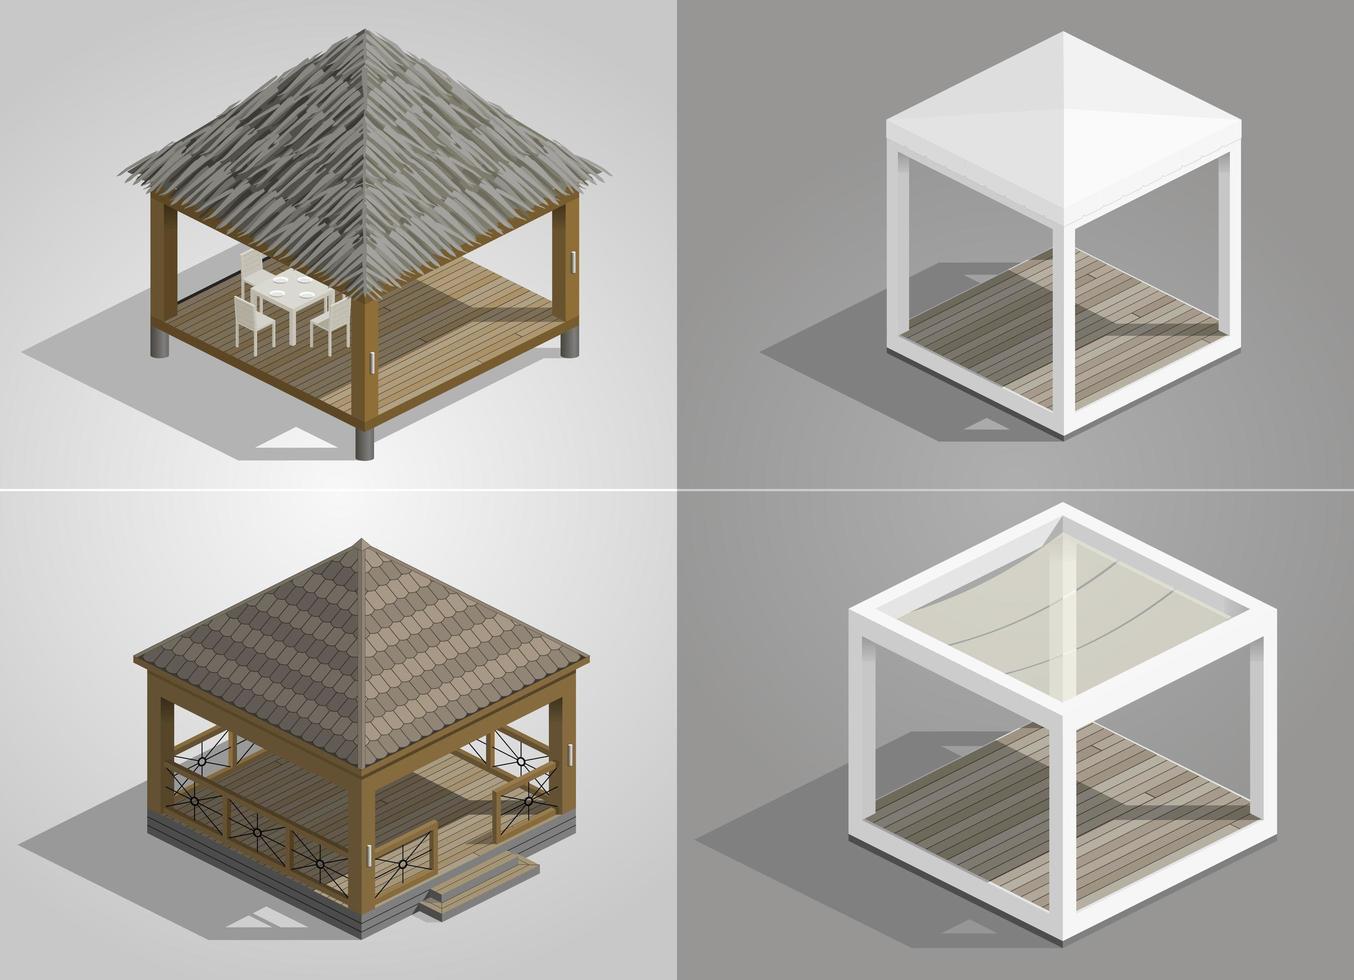 Set aus vier verschiedenen Pavillons für den Park vektor